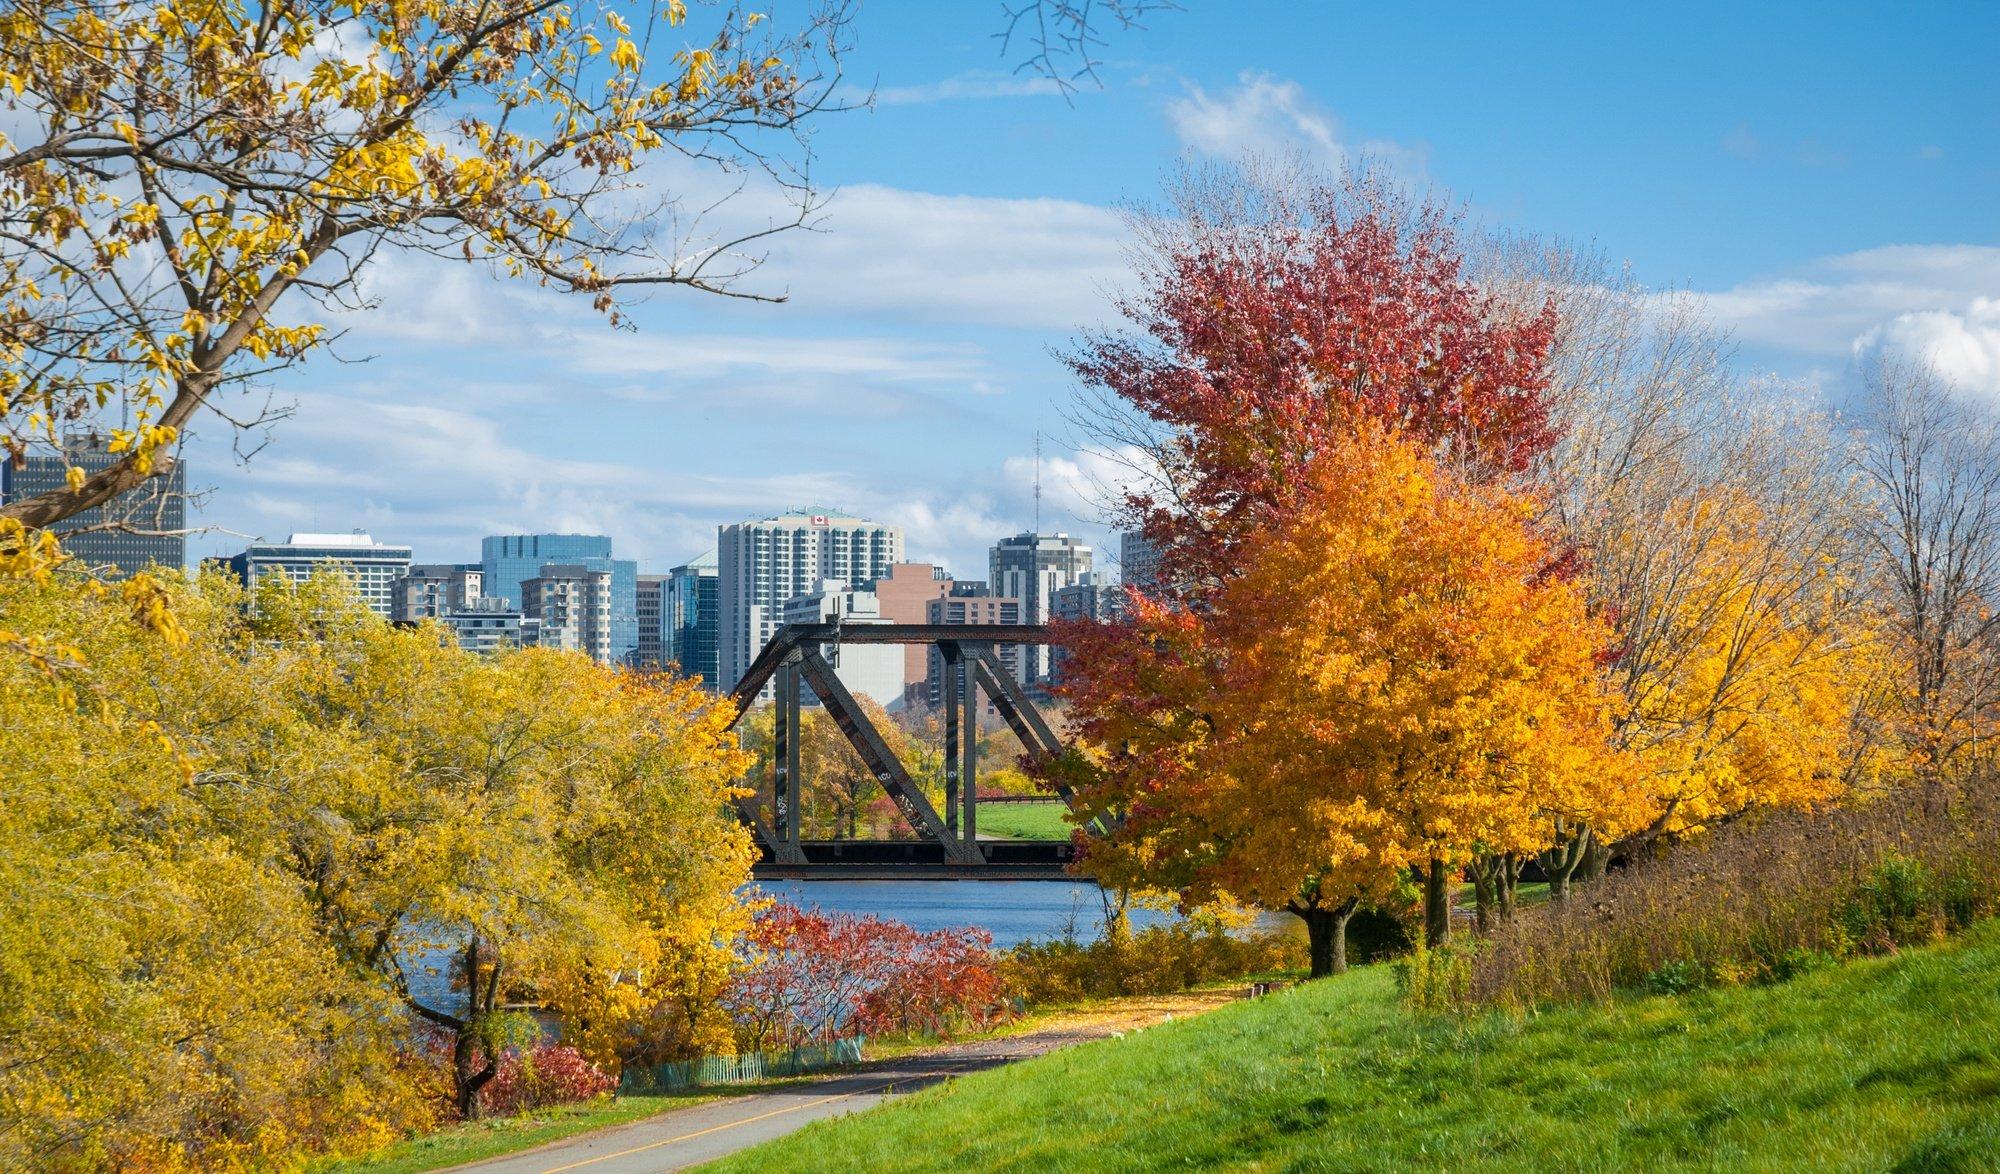 Prince of Wales Bridge and Ottawa River in Ottawa in Fall